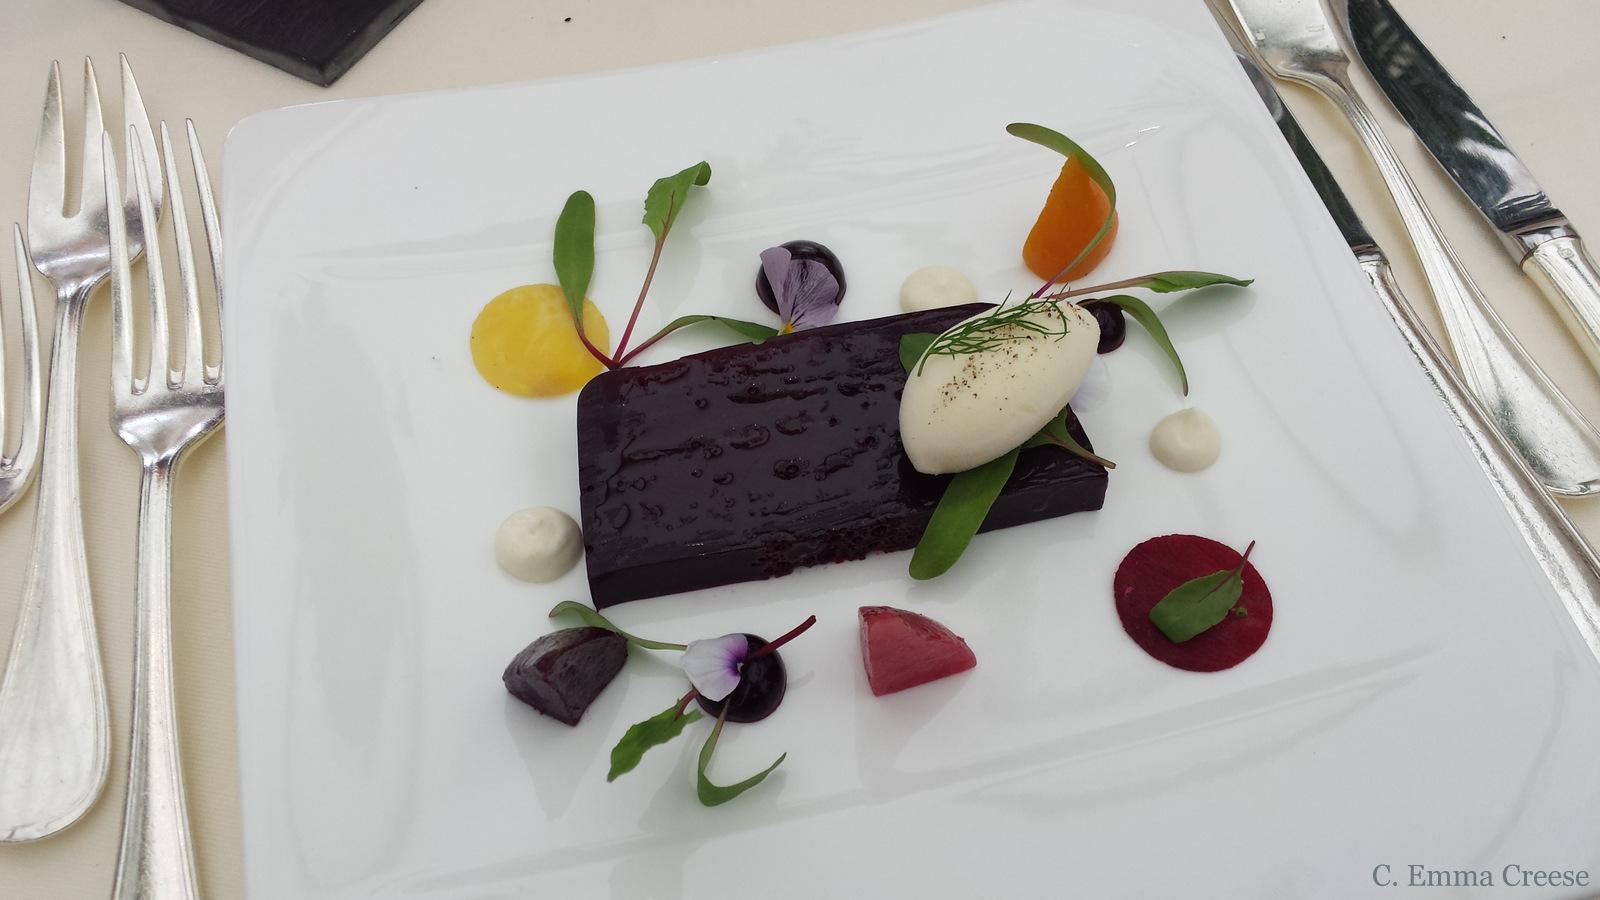 Raymond Blanc luxury lunch at Belmond Le Manoir aux Quat'Saisons Adventures of a London Kiwi